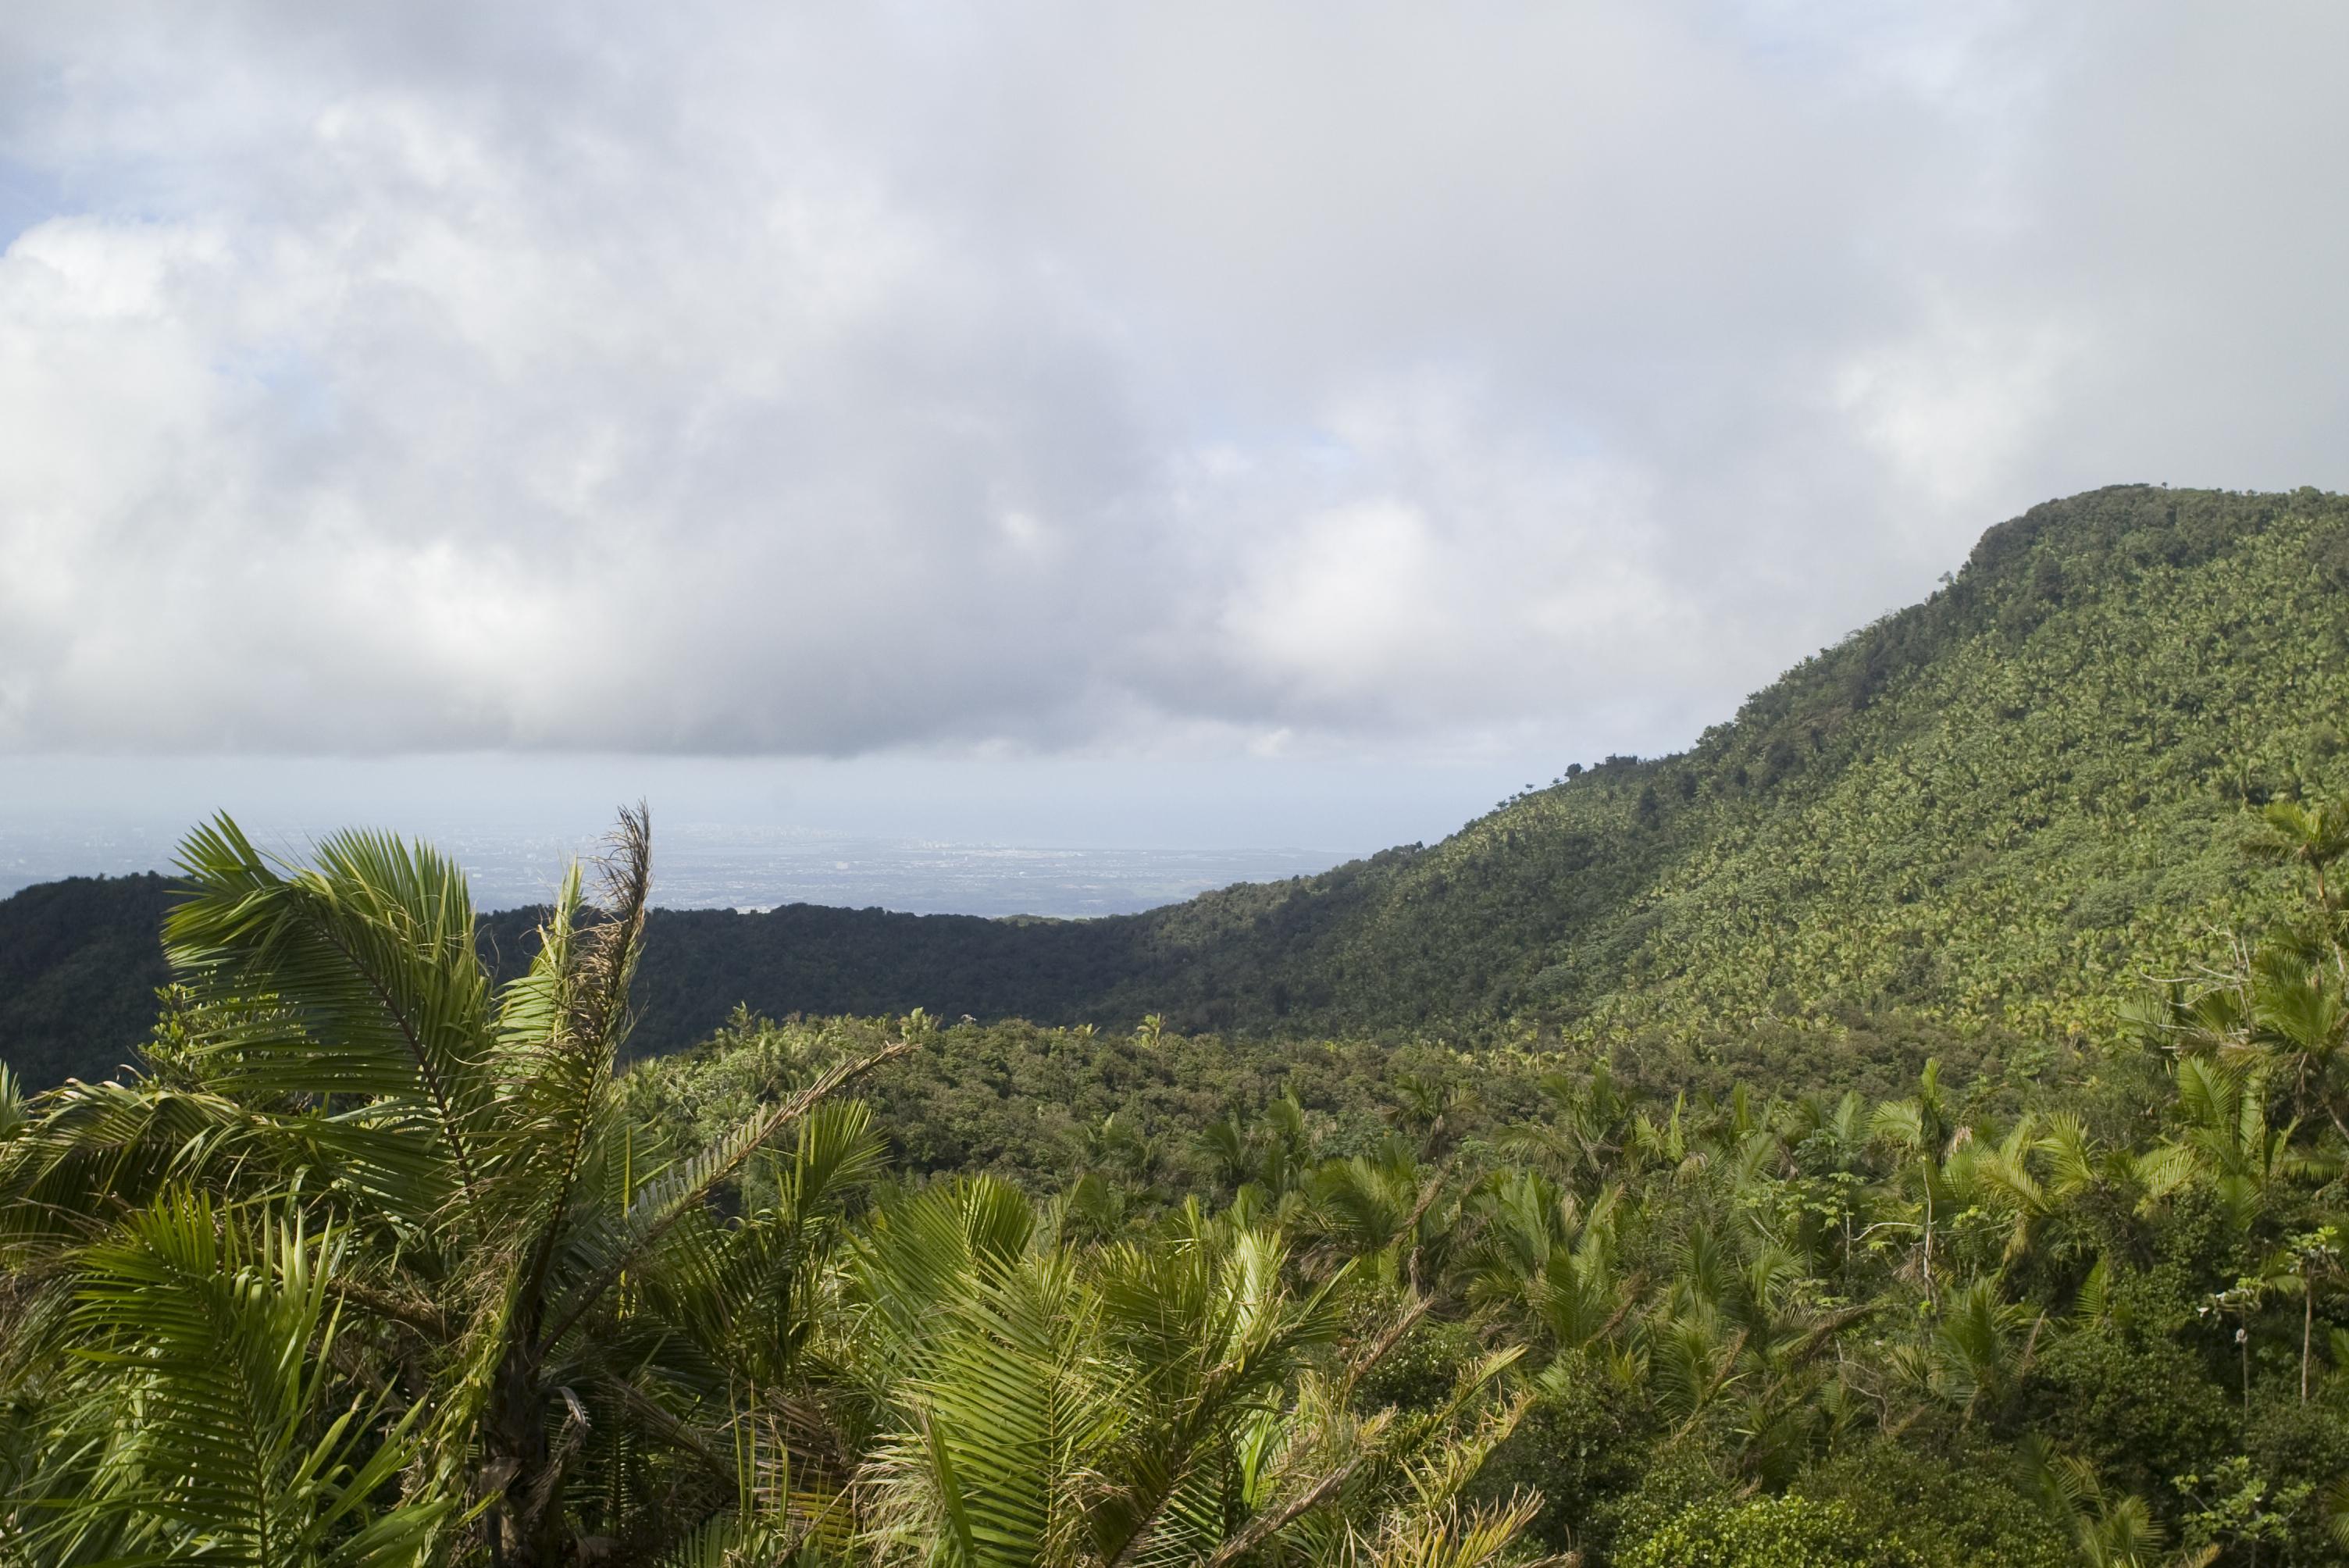 Puerto Rico's El Yunque forest reserve